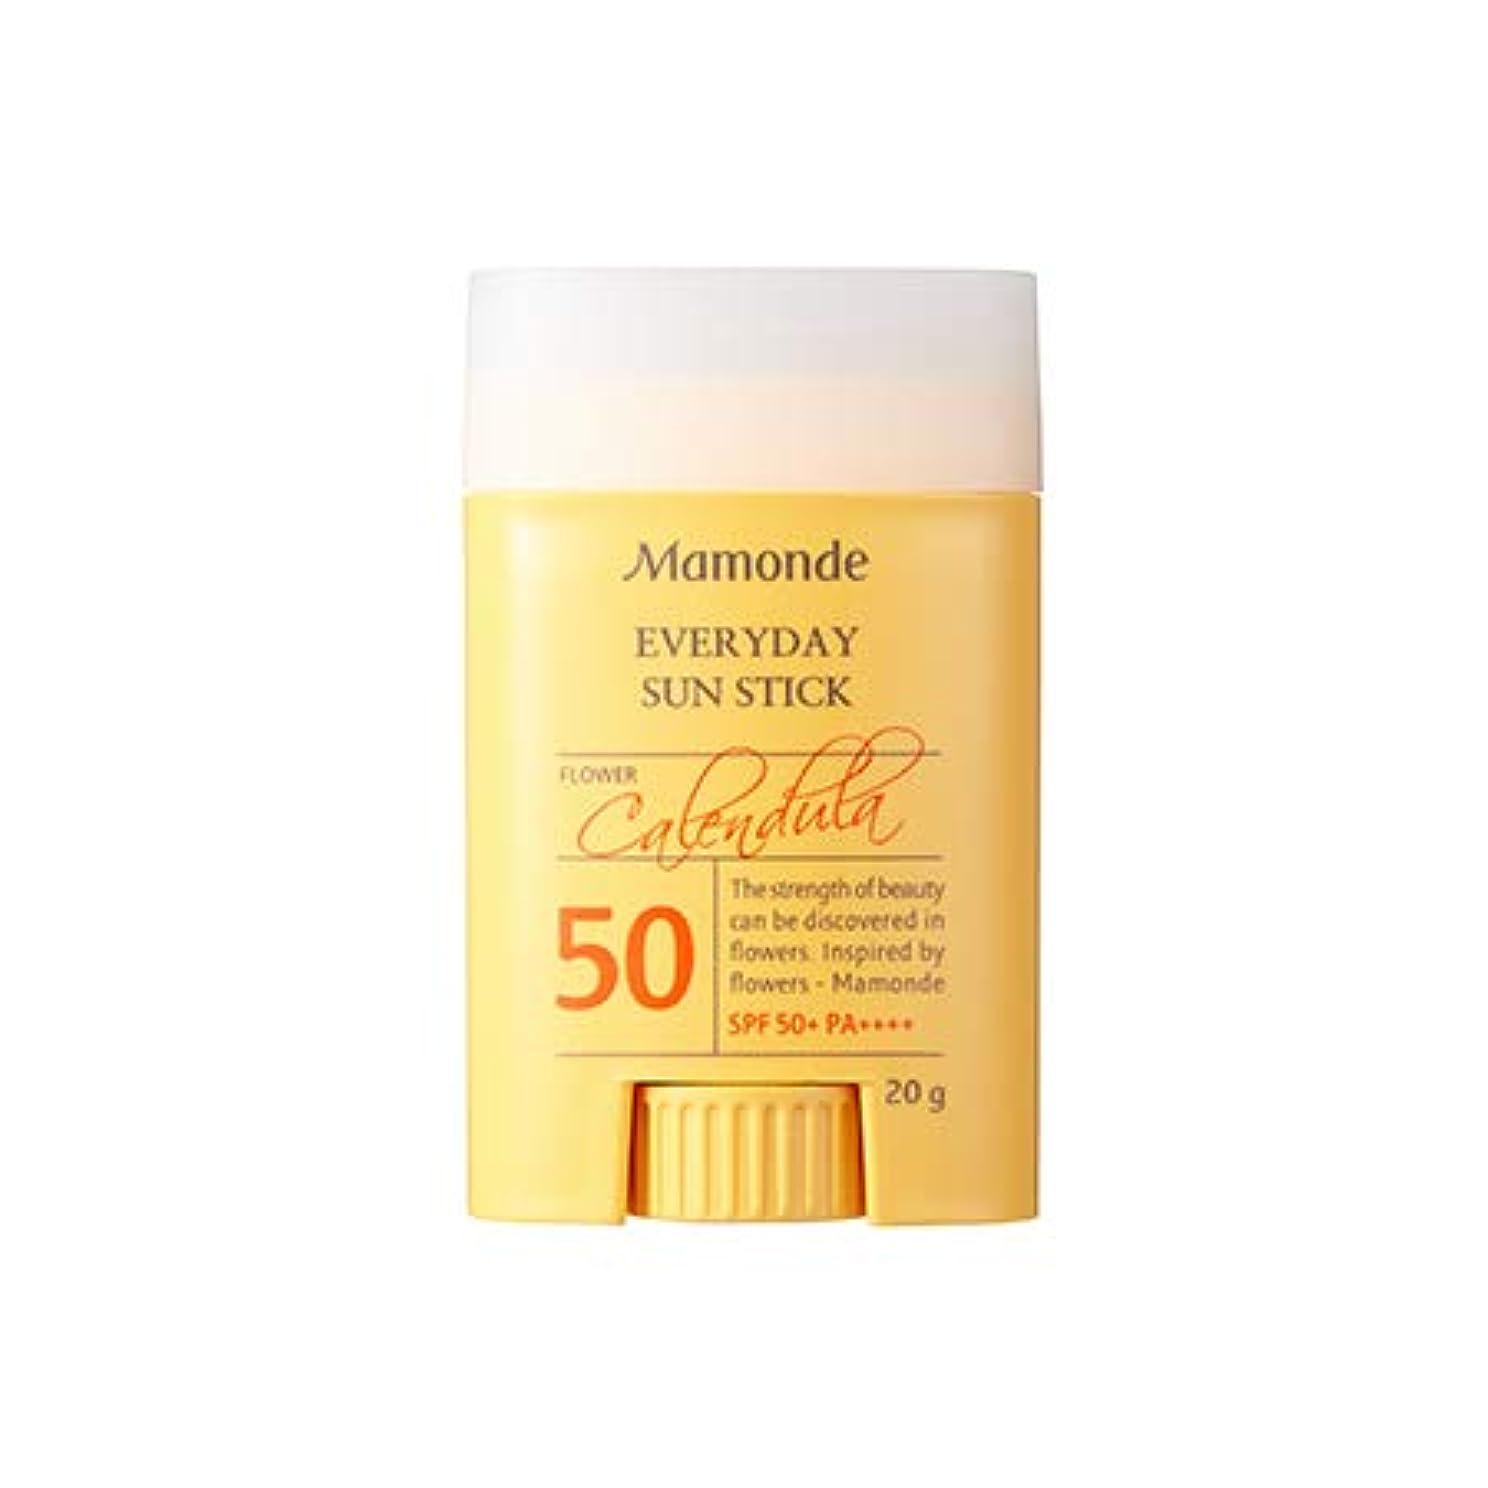 ペナルティ目立つちょうつがいMamonde Everyday Sun Stick 20g マモンド エブリデーサンスティック (SPF50+/PA++++) [並行輸入品]